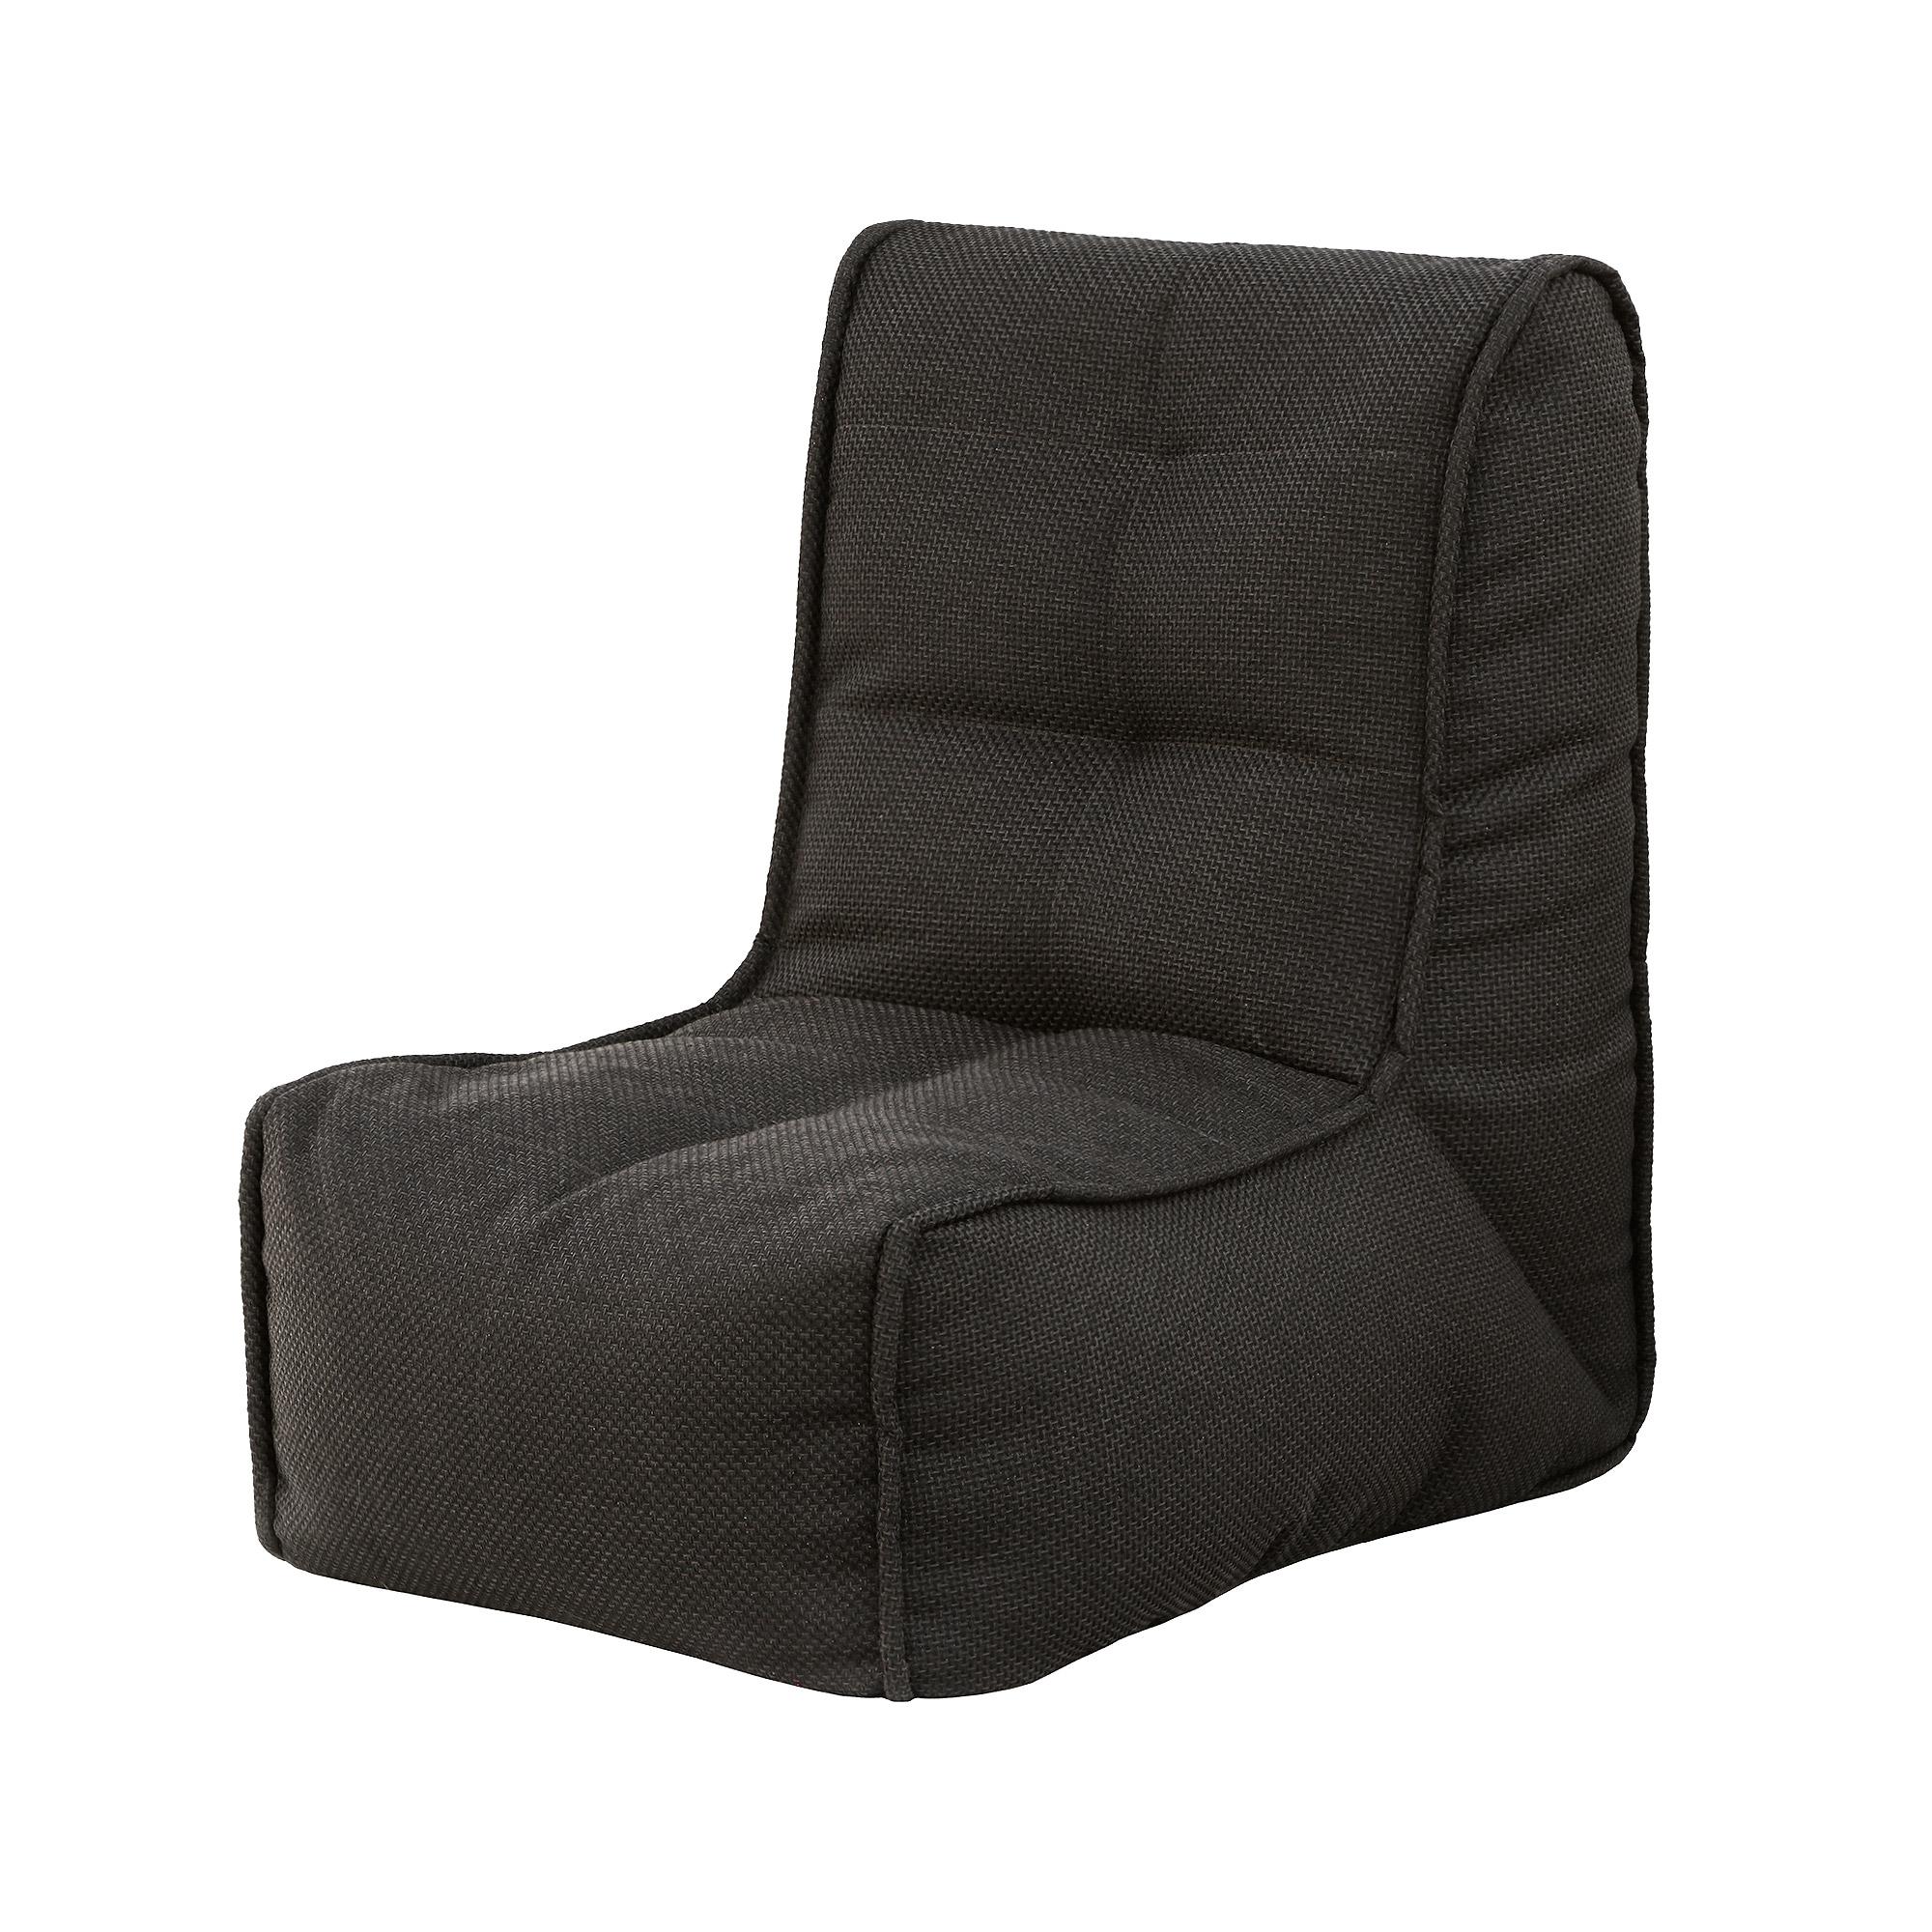 Диван модульный Dreambag shape коричневый 1 центральная секция фото